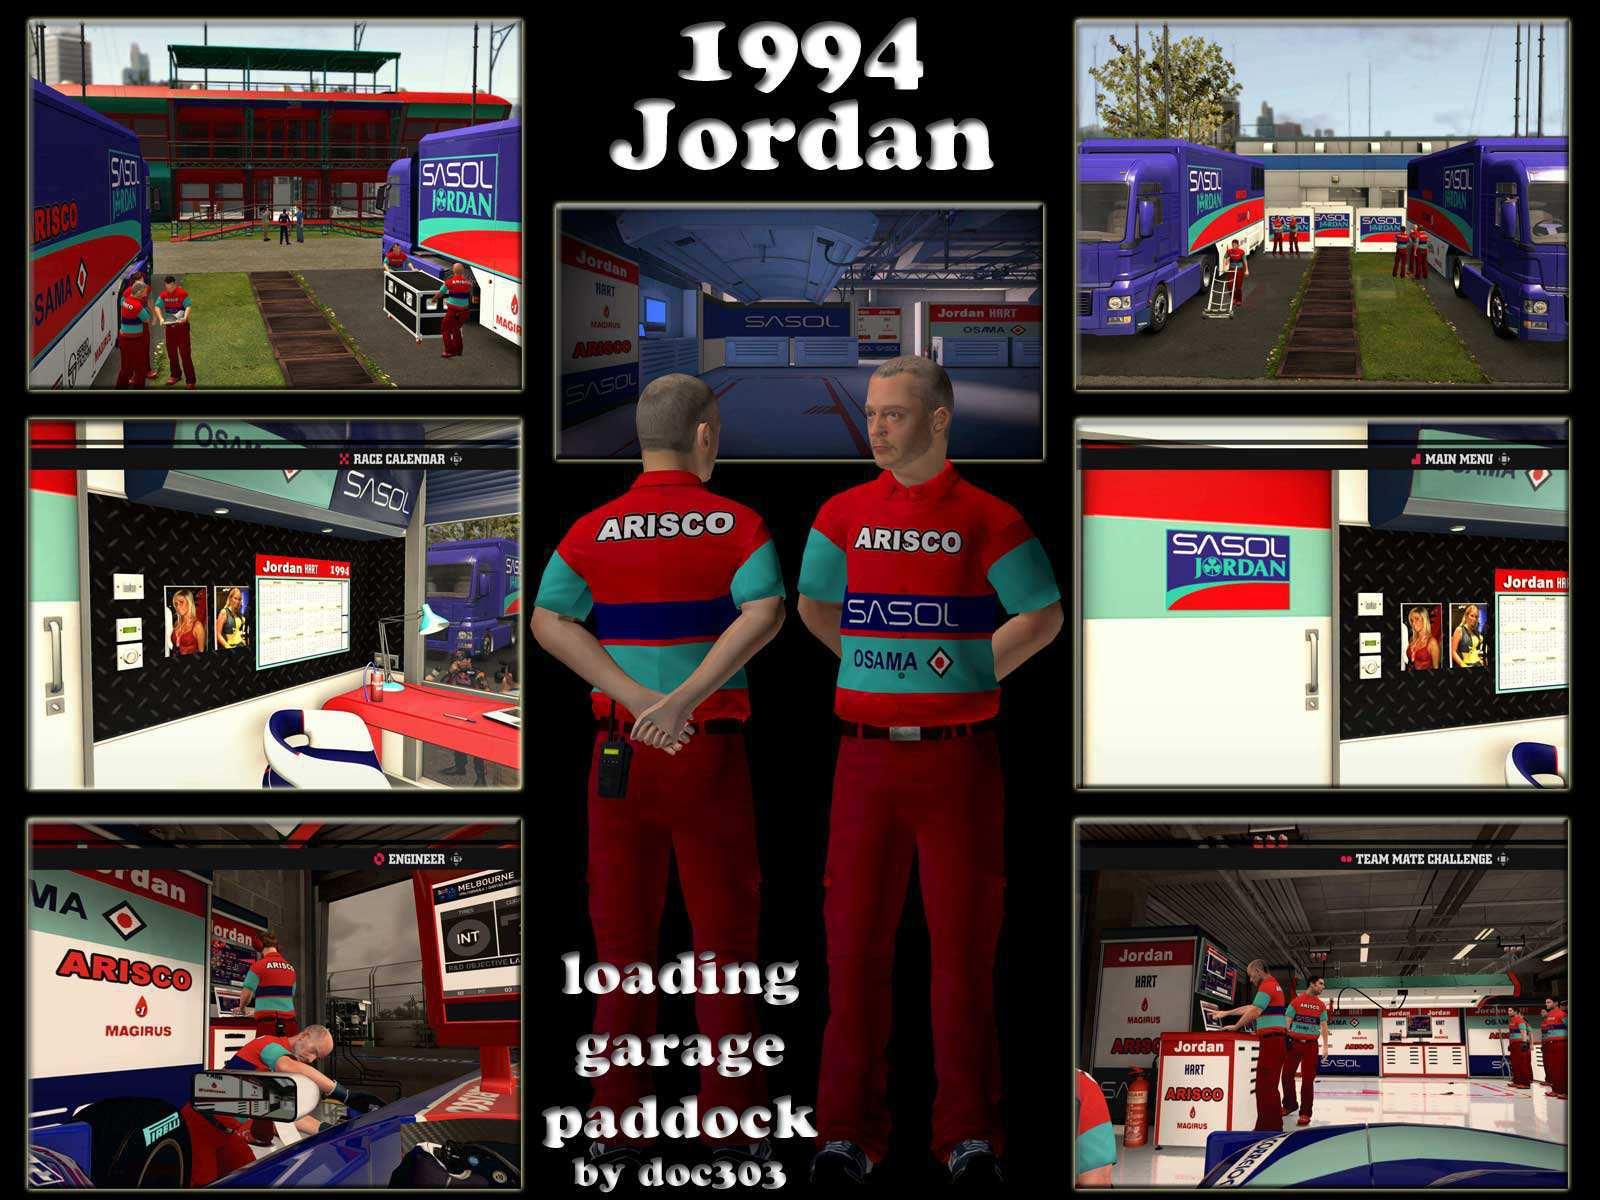 94-Jordan-Info-S.jpg